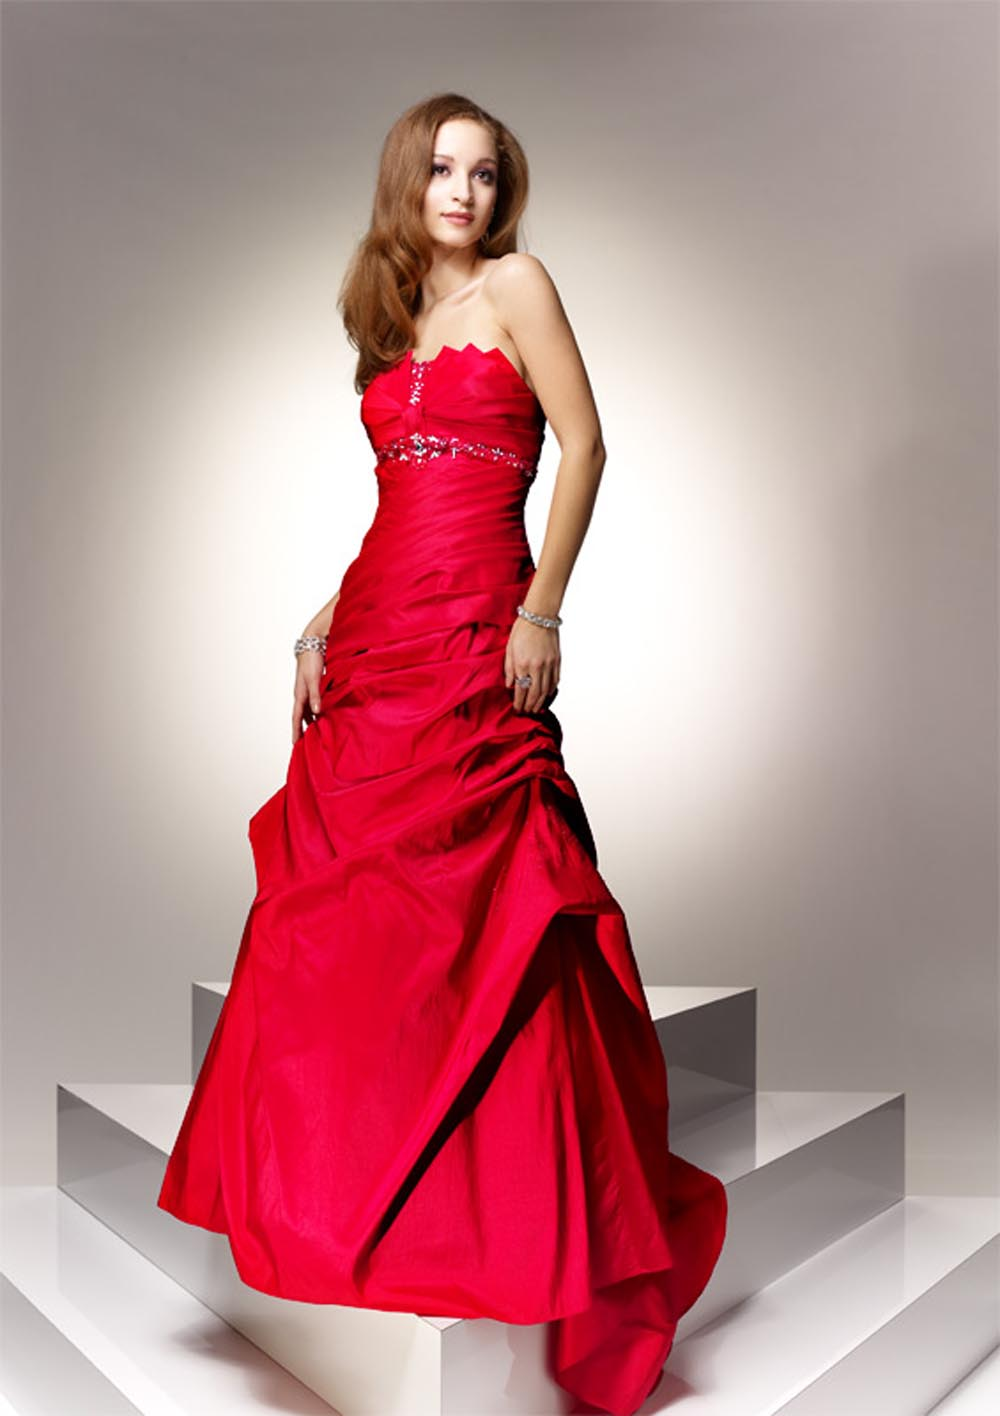 Manuela petit soleil d 39 ha ti robe de bal for Robes de bal de plage robe de bal